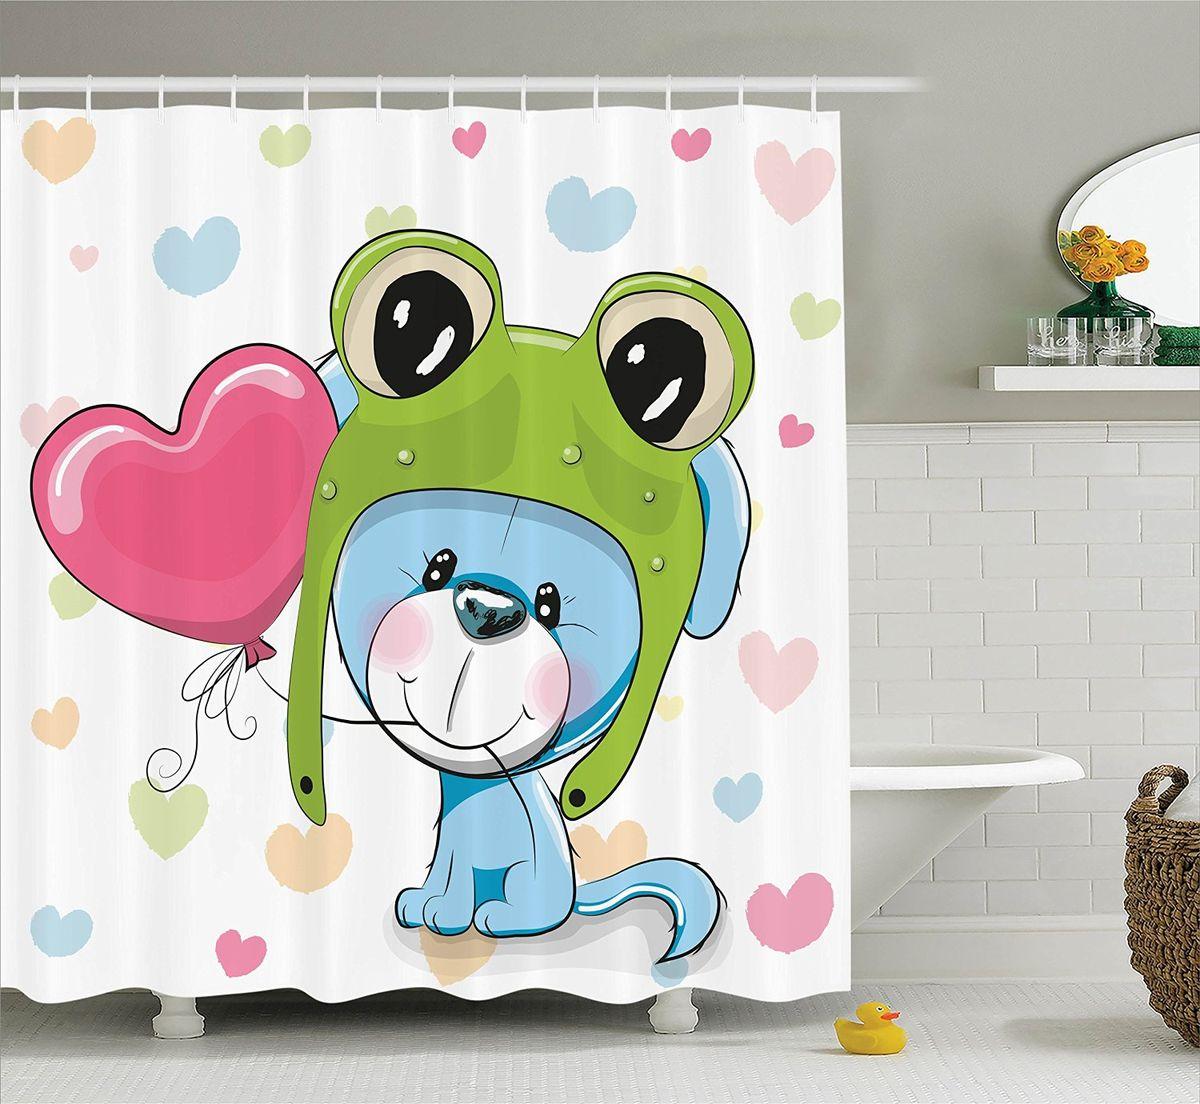 Штора для ванной комнаты Magic Lady Щенок играет, 180 х 200 смRG-D31SШтора Magic Lady Щенок играет, изготовленная из высококачественного сатена (полиэстер 100%), отлично дополнит любой интерьер ванной комнаты. При изготовлении используются специальные гипоаллергенные чернила для прямой печати по ткани, безопасные для человека.В комплекте: 1 штора, 12 крючков. Обращаем ваше внимание, фактический цвет изделия может незначительно отличаться от представленного на фото.